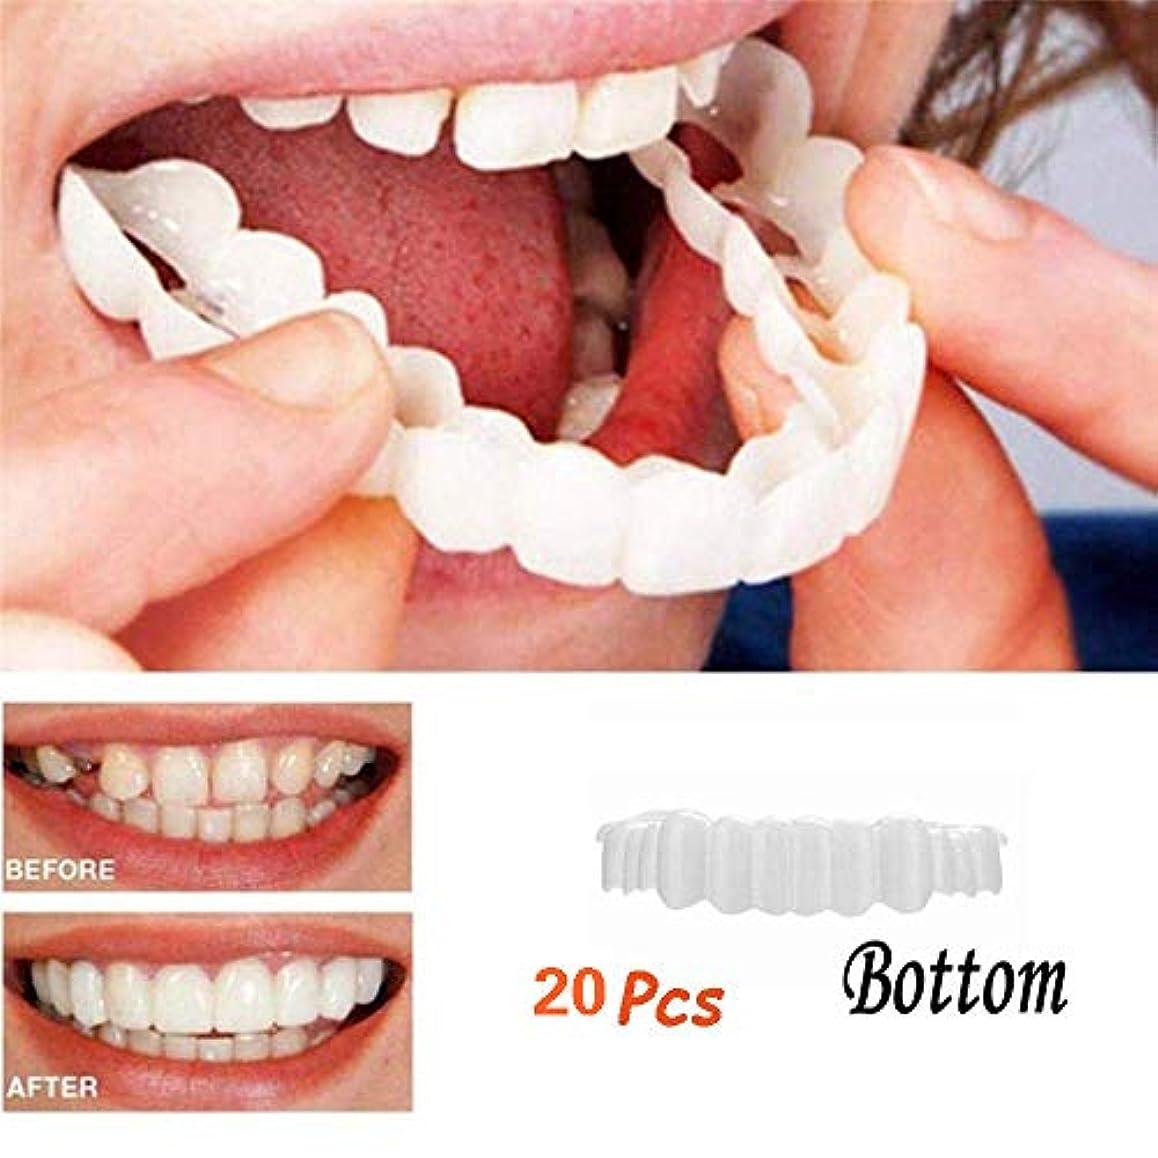 甘い抑圧電圧20ピースボトム化粧品歯コンフォートフィットフレックス化粧品歯コーブ義歯歯のホワイトニングスナップオンインスタント笑顔サイズフィット